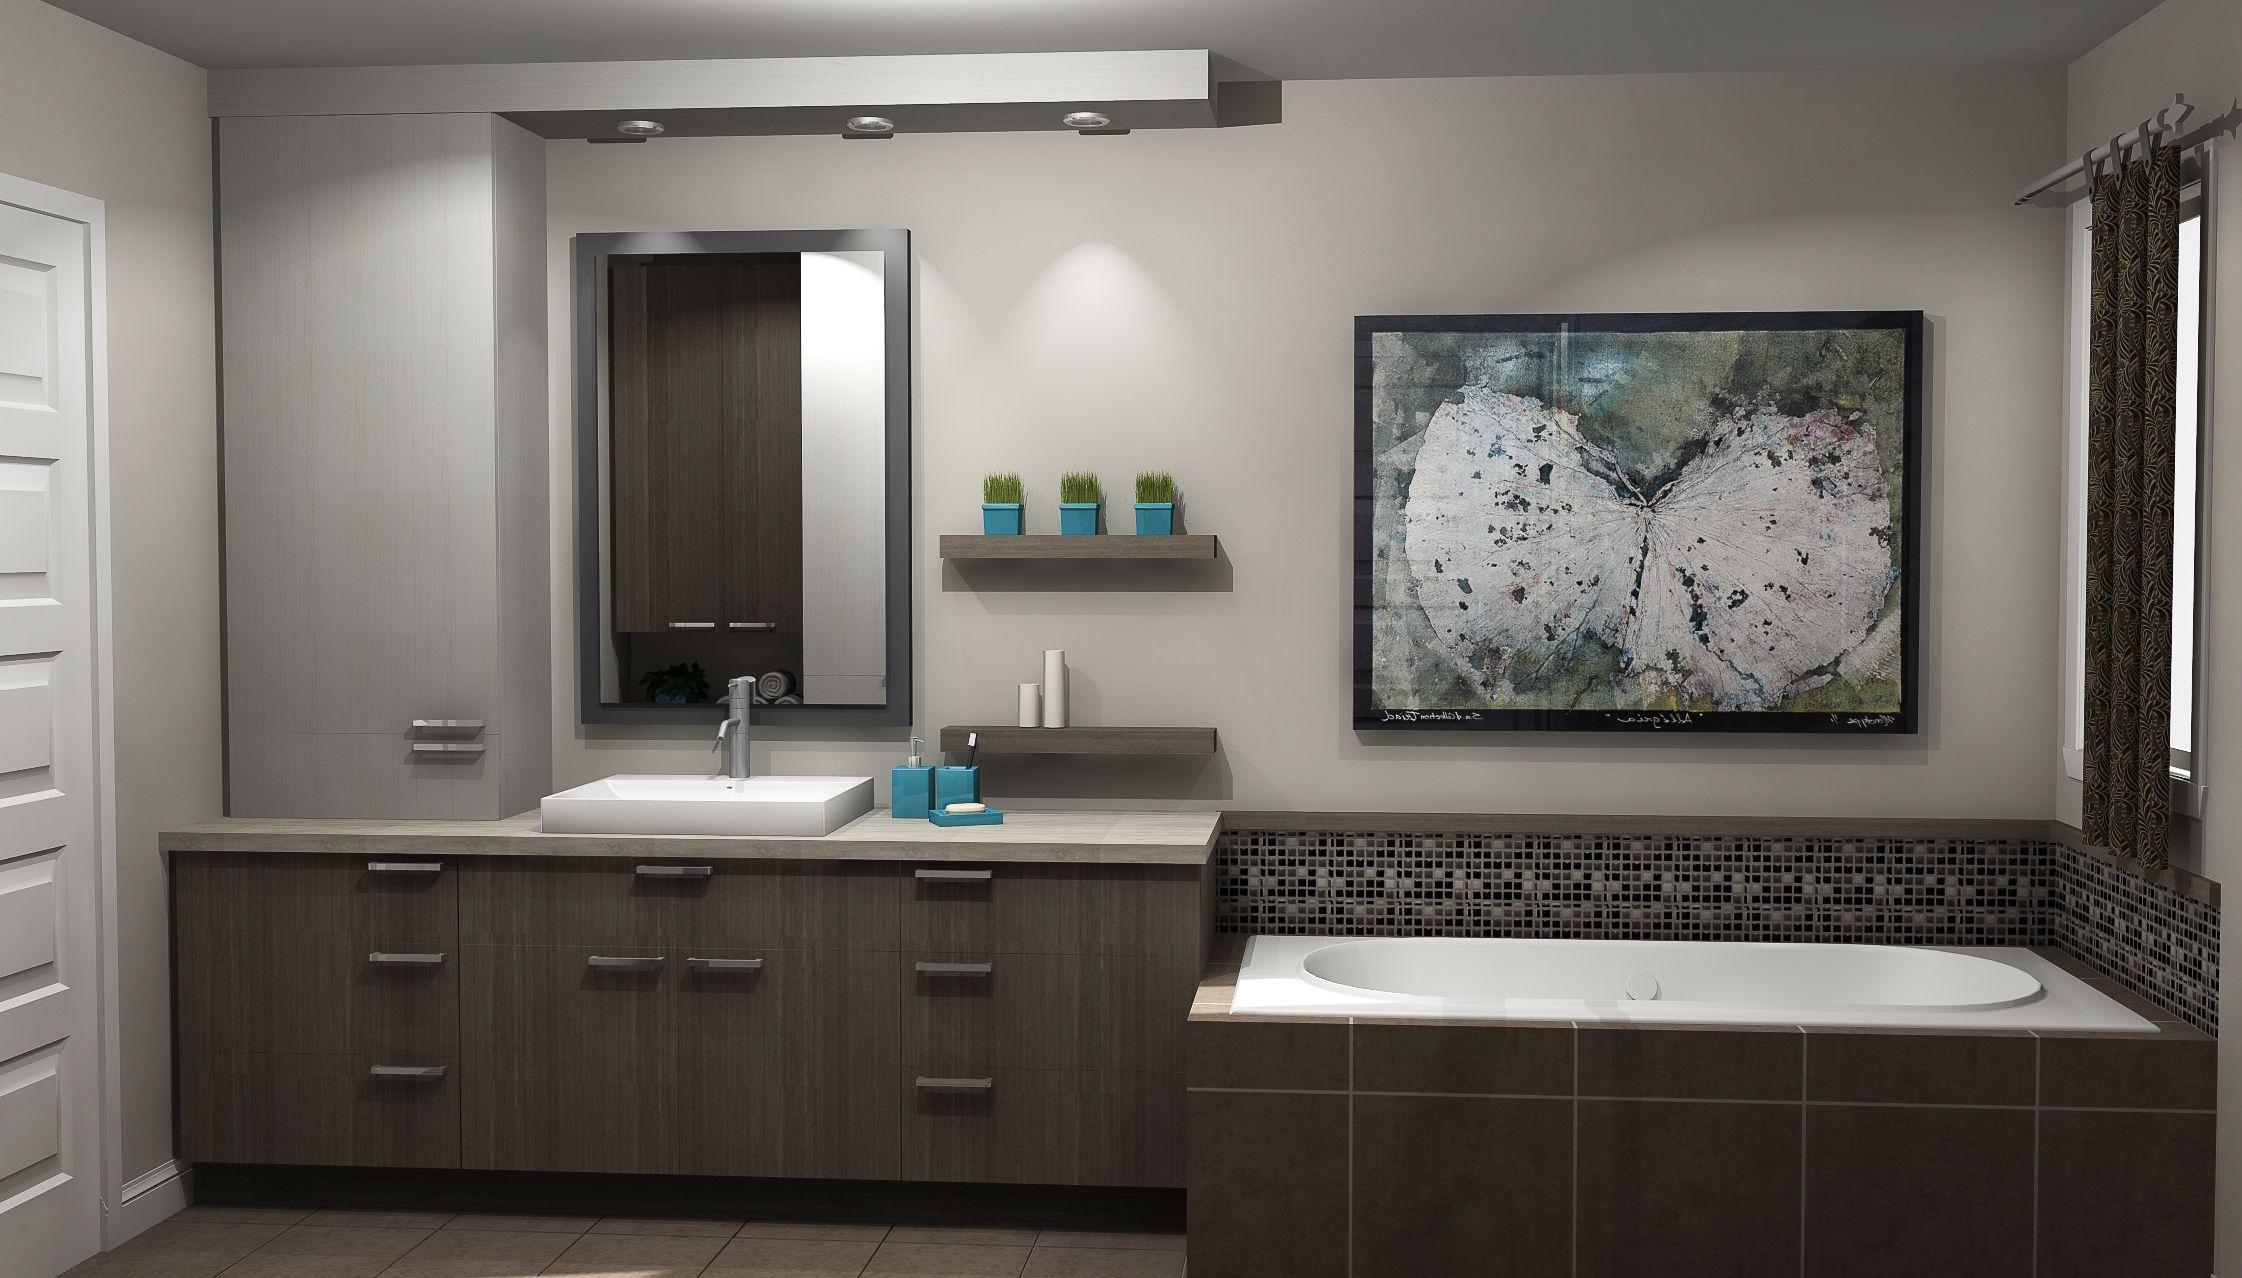 Salle De Bain Quebec Qc ~ armoire salle de bain lak s0 pinterest armoire salle de bain